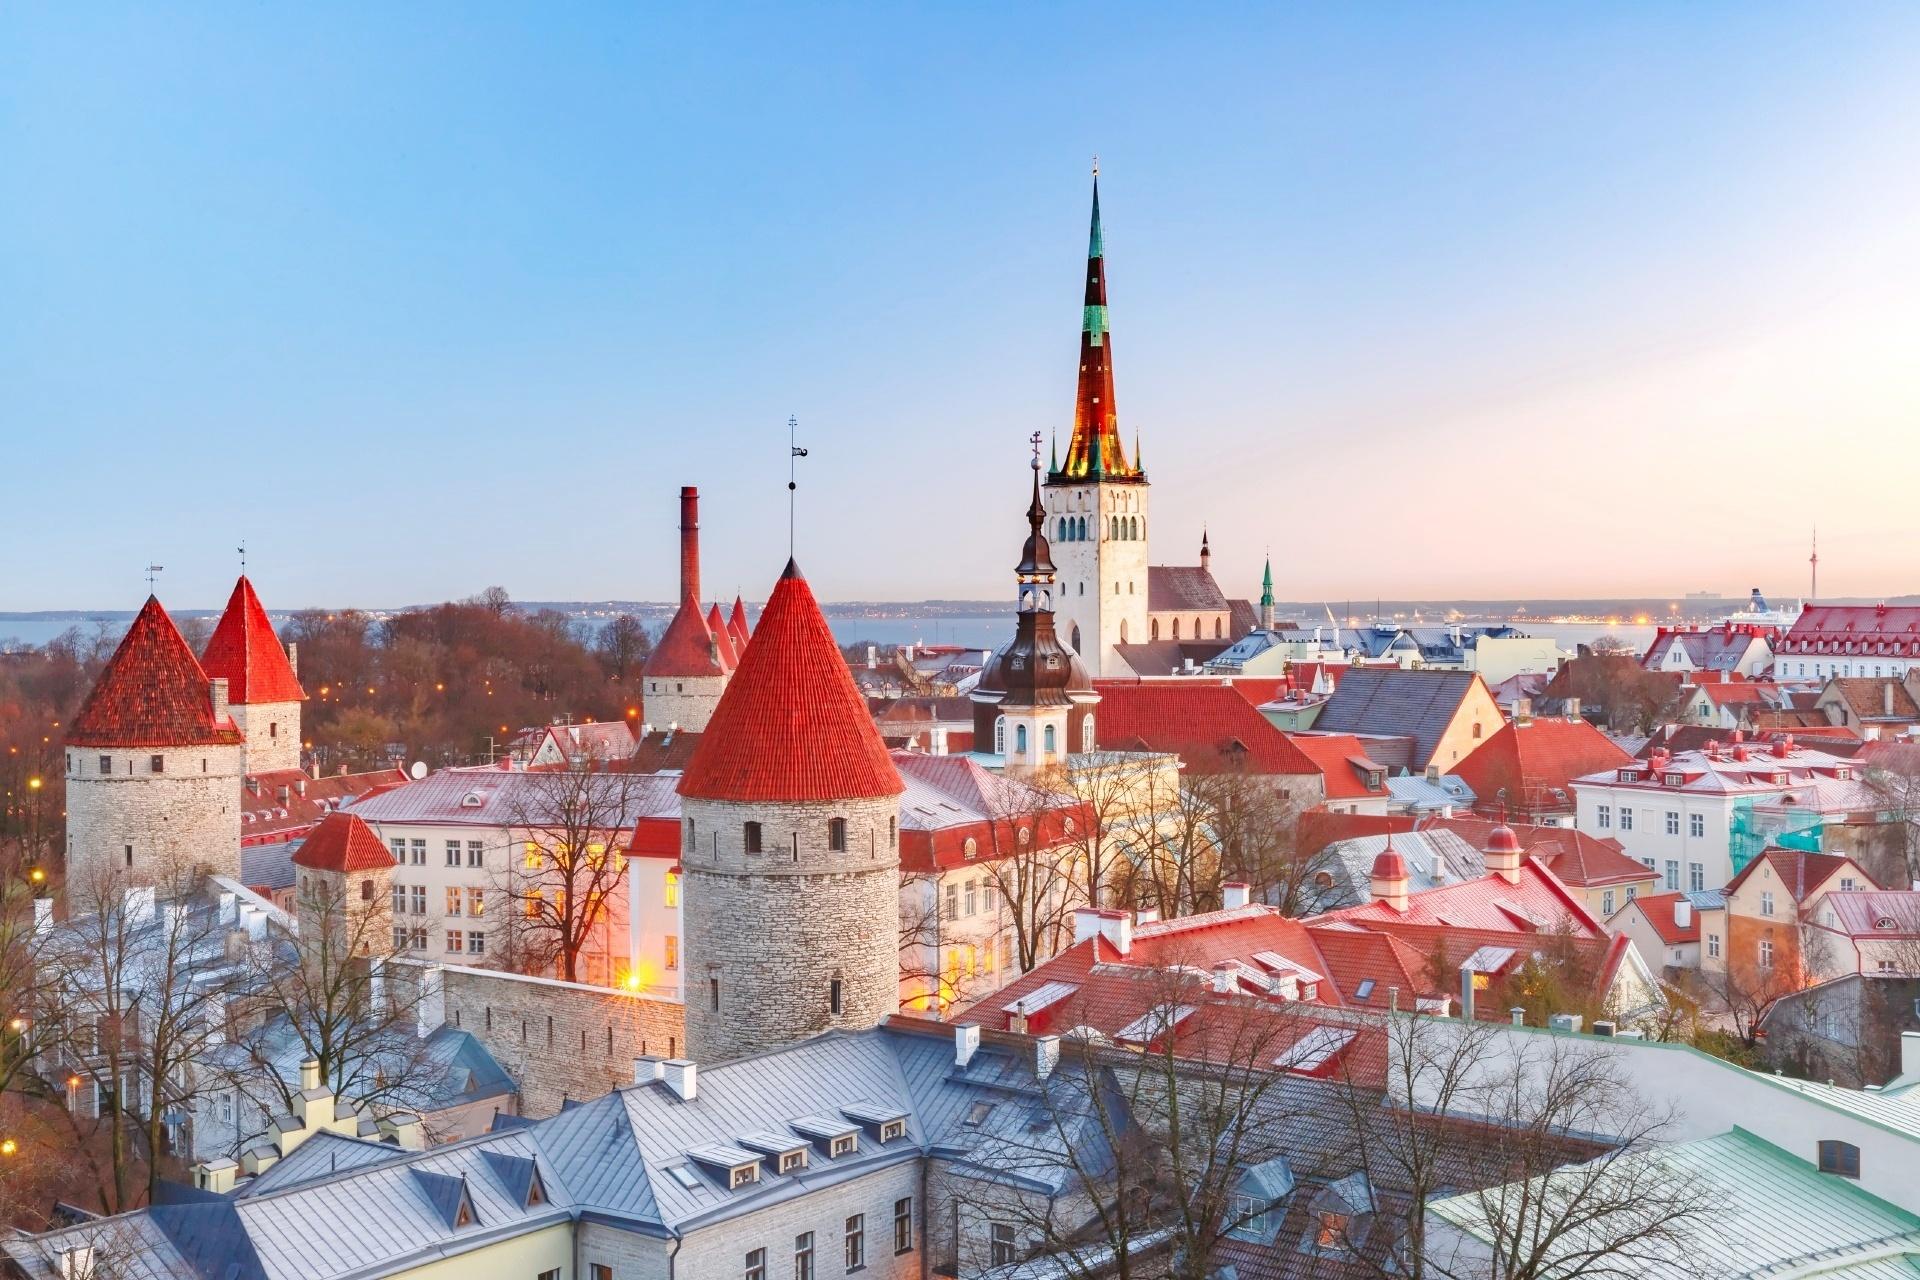 タリンの朝の風景 聖オレフ教会とタリンの町並み エストニアの風景